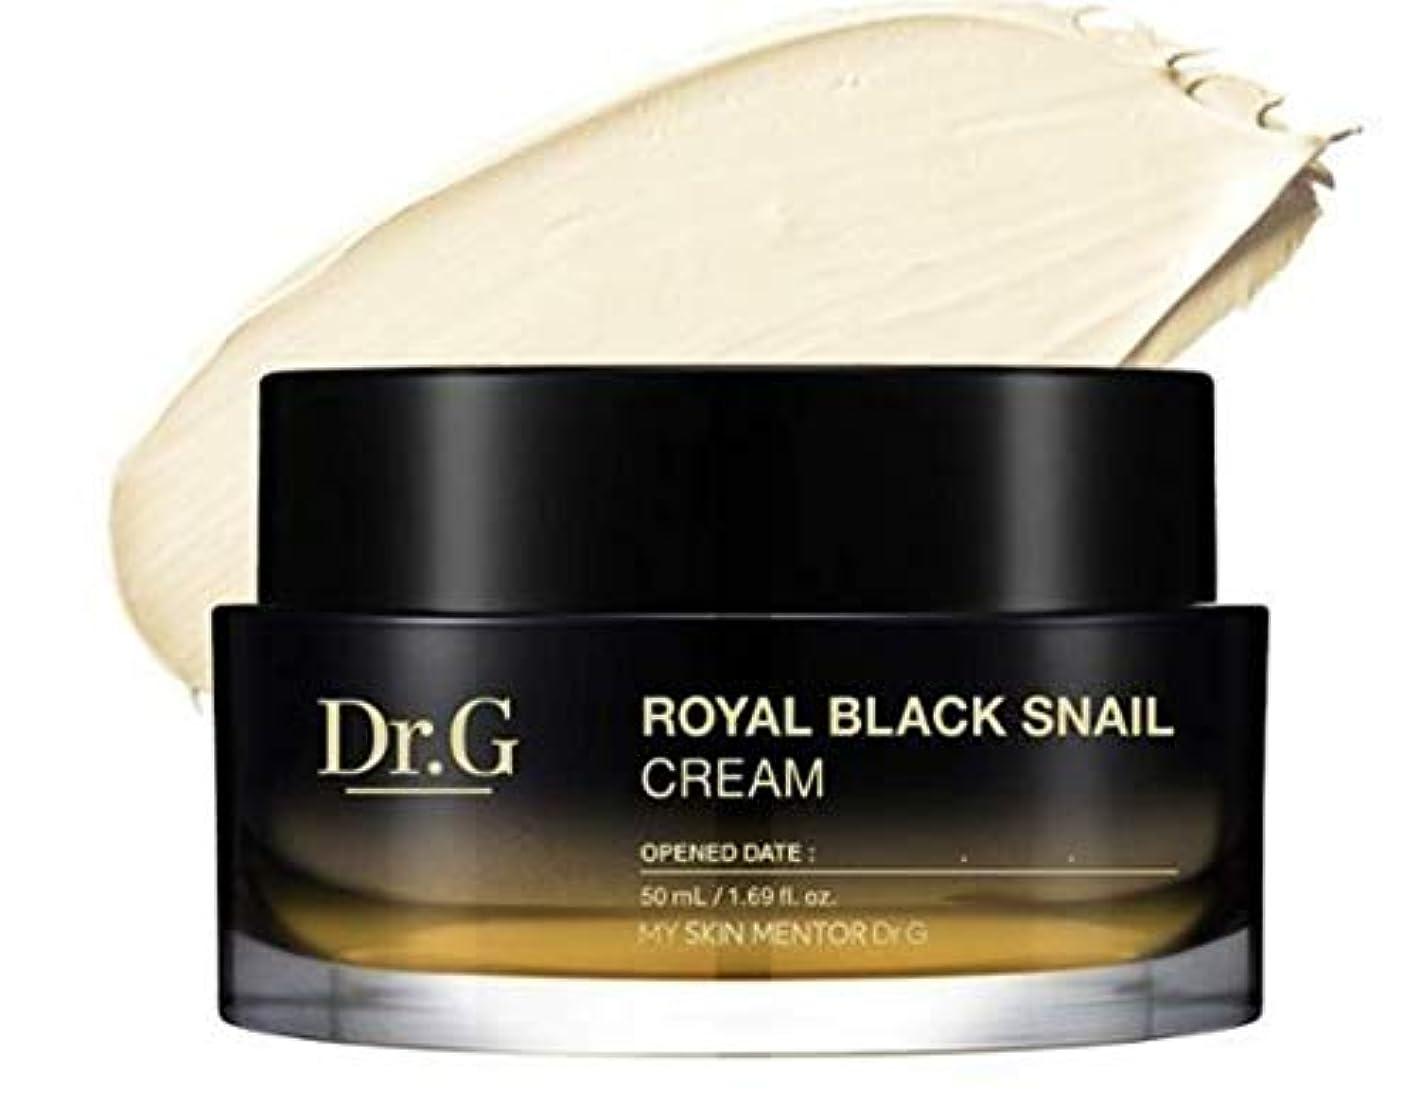 値下げ統合みぞれドクタージー ロイヤル ブラックスネイルクリーム 50ml / DR.G ROYAL BLACK SNAIL CREAM